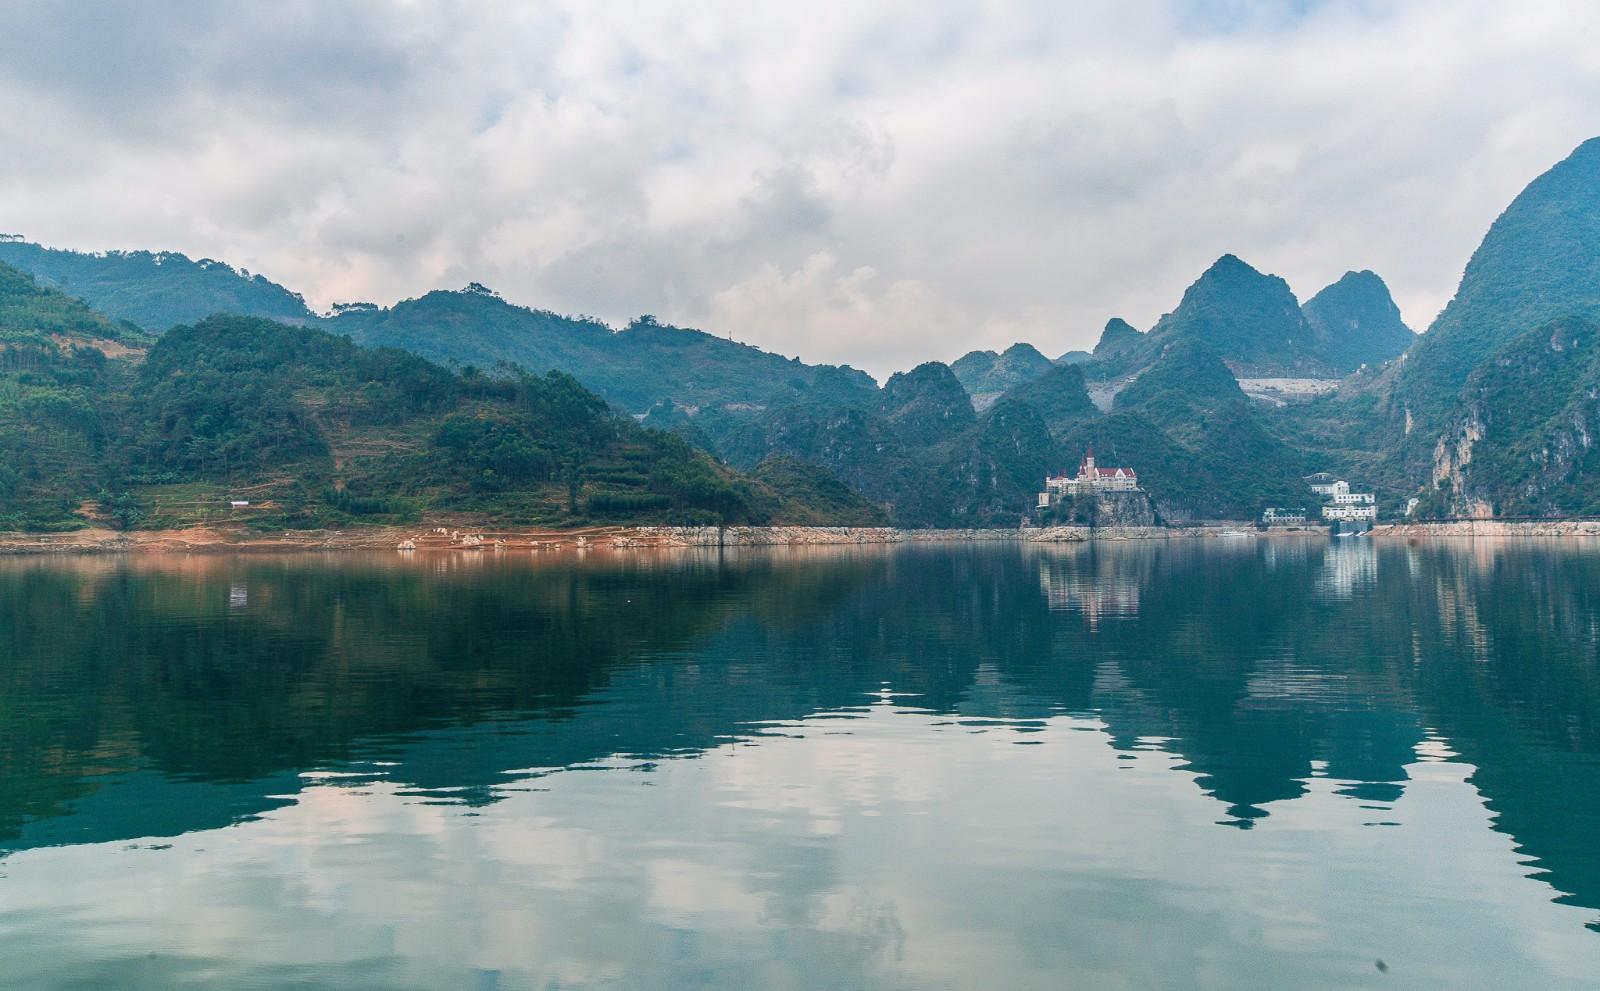 贵州兴义,美丽的万峰湖cad灯带表示图纸如何图片